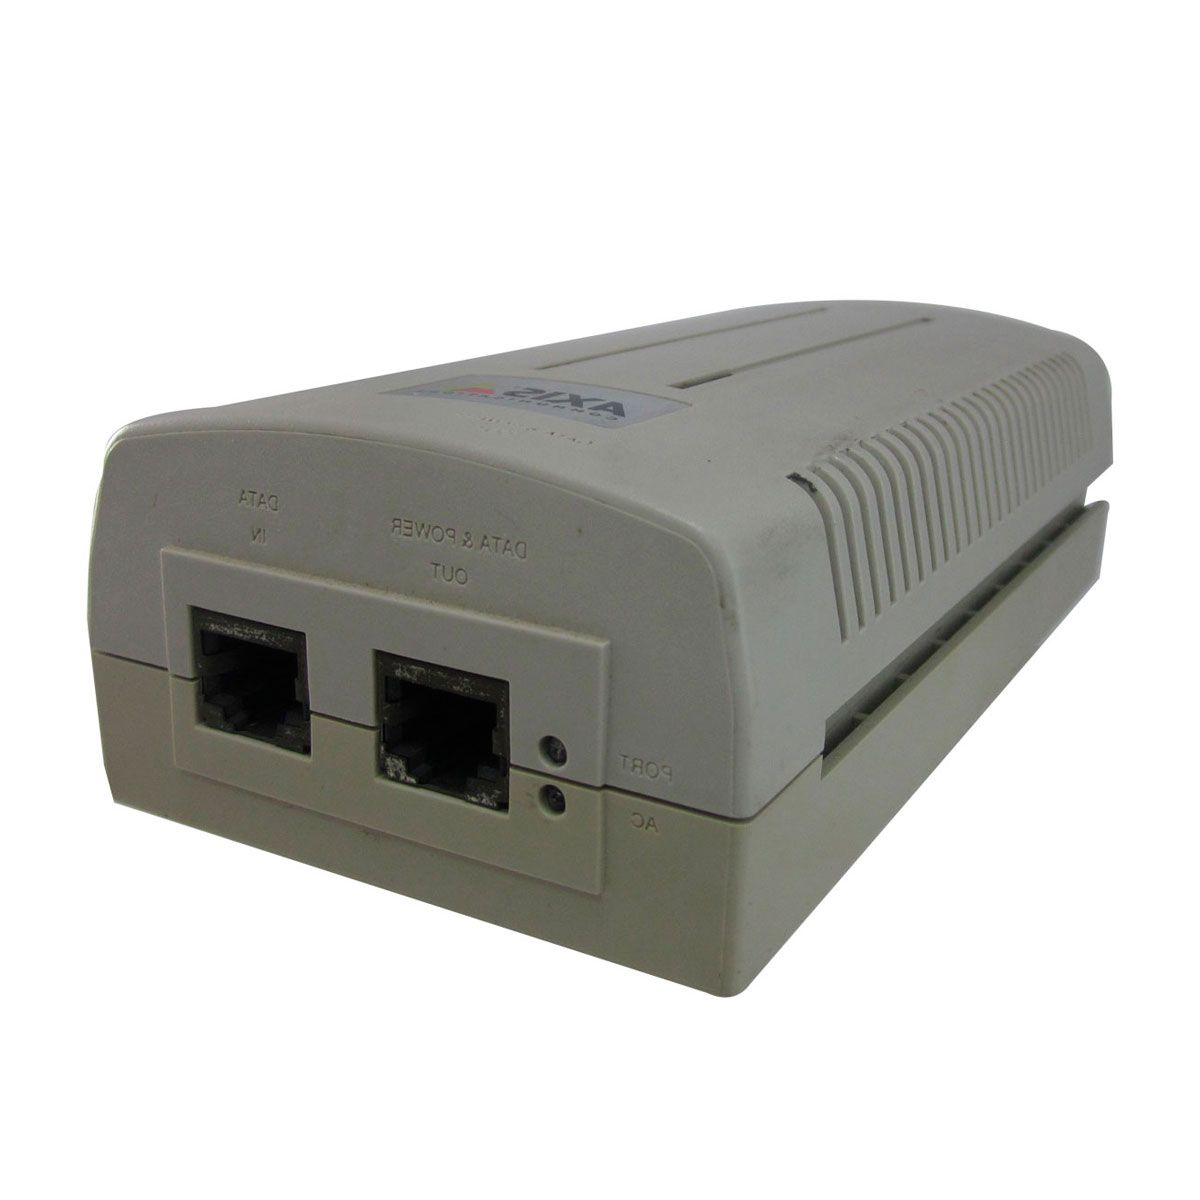 Midspan AXIS T8124 de 60 W 2 puerto